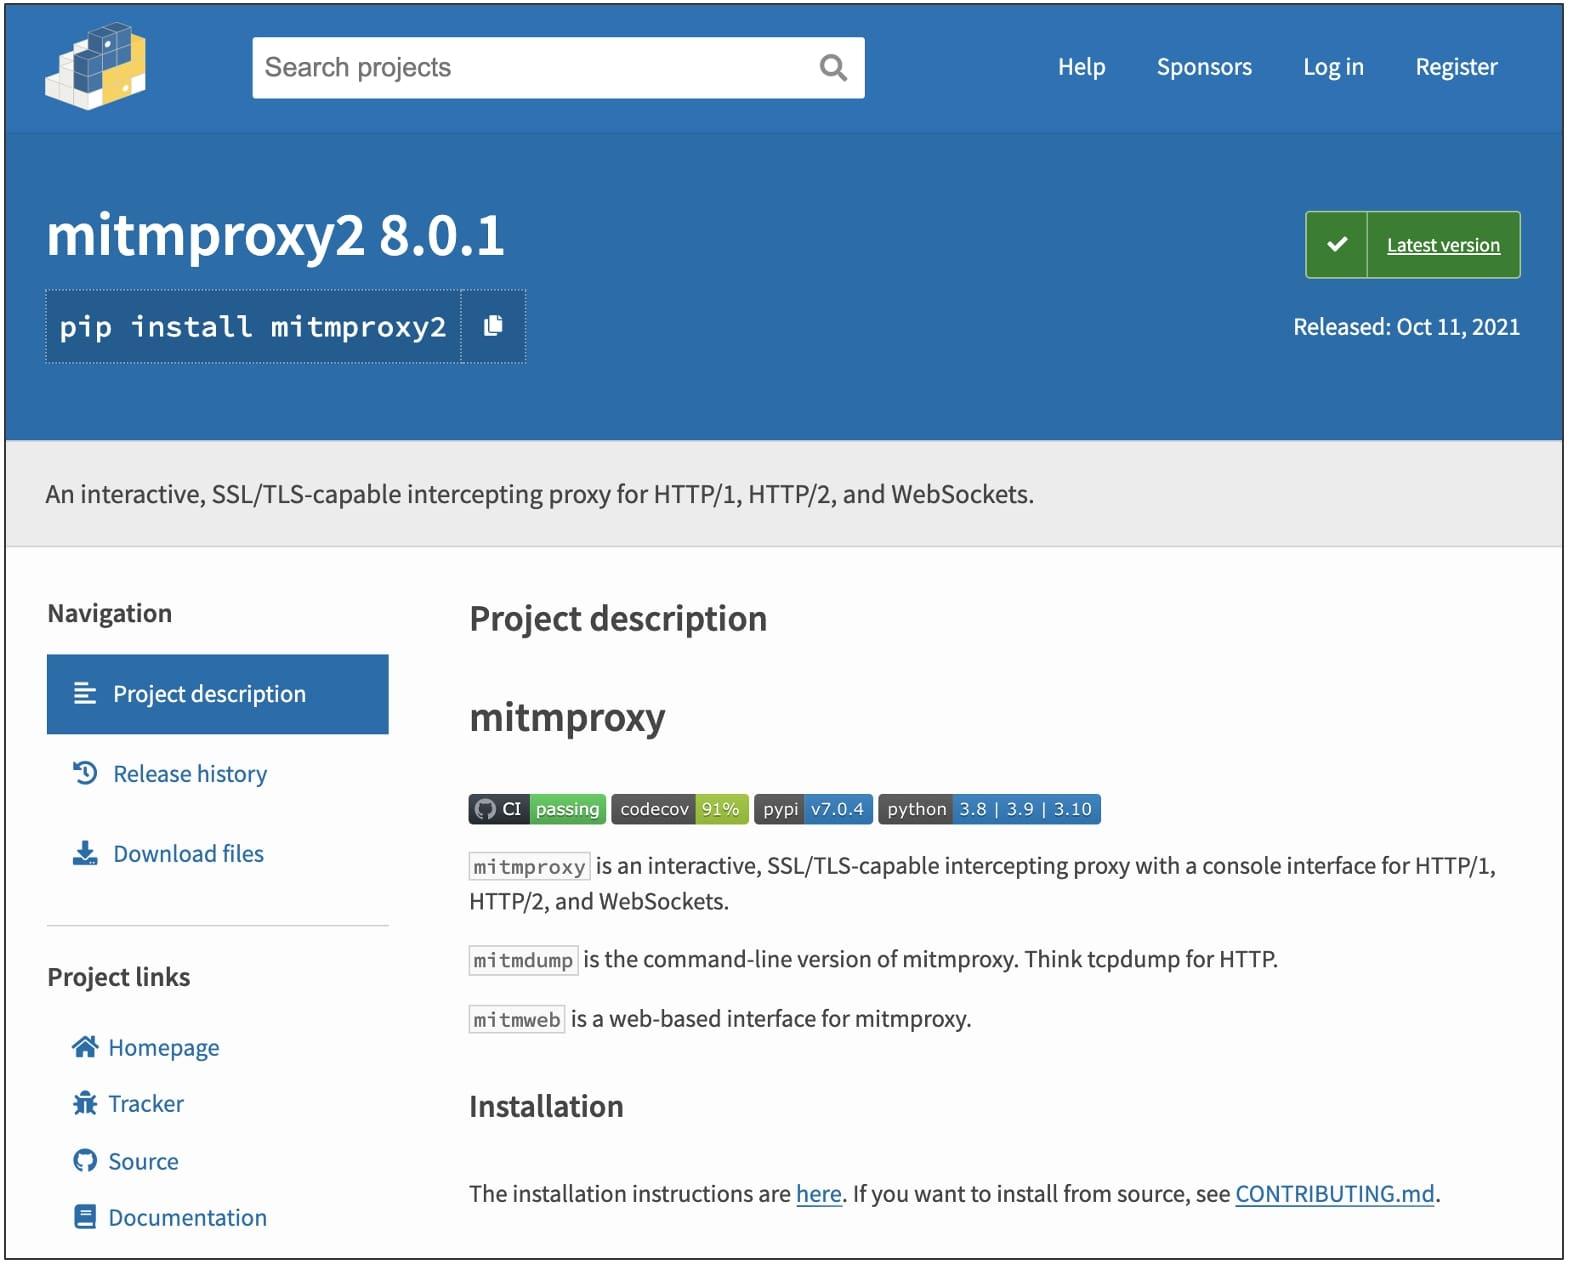 mitmproxy2 pypi page